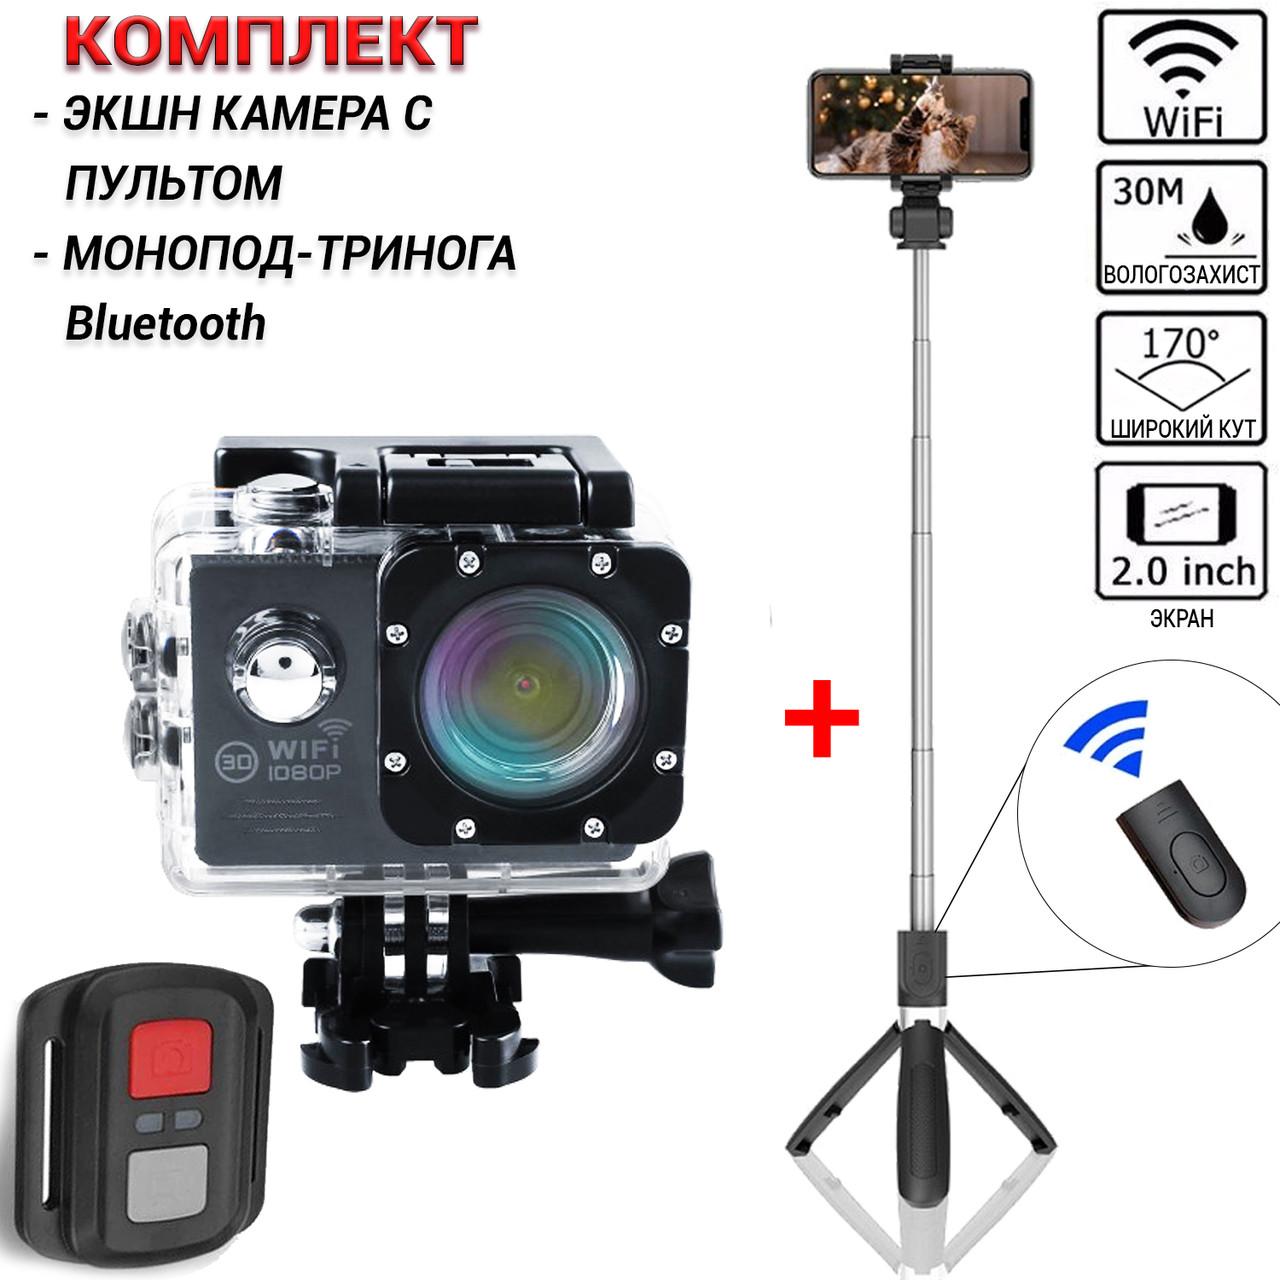 Экшн камера с аквабоксом Action camera SJR700 WiFi UltraHD с пультом + Монопод-тренога Bluetooth